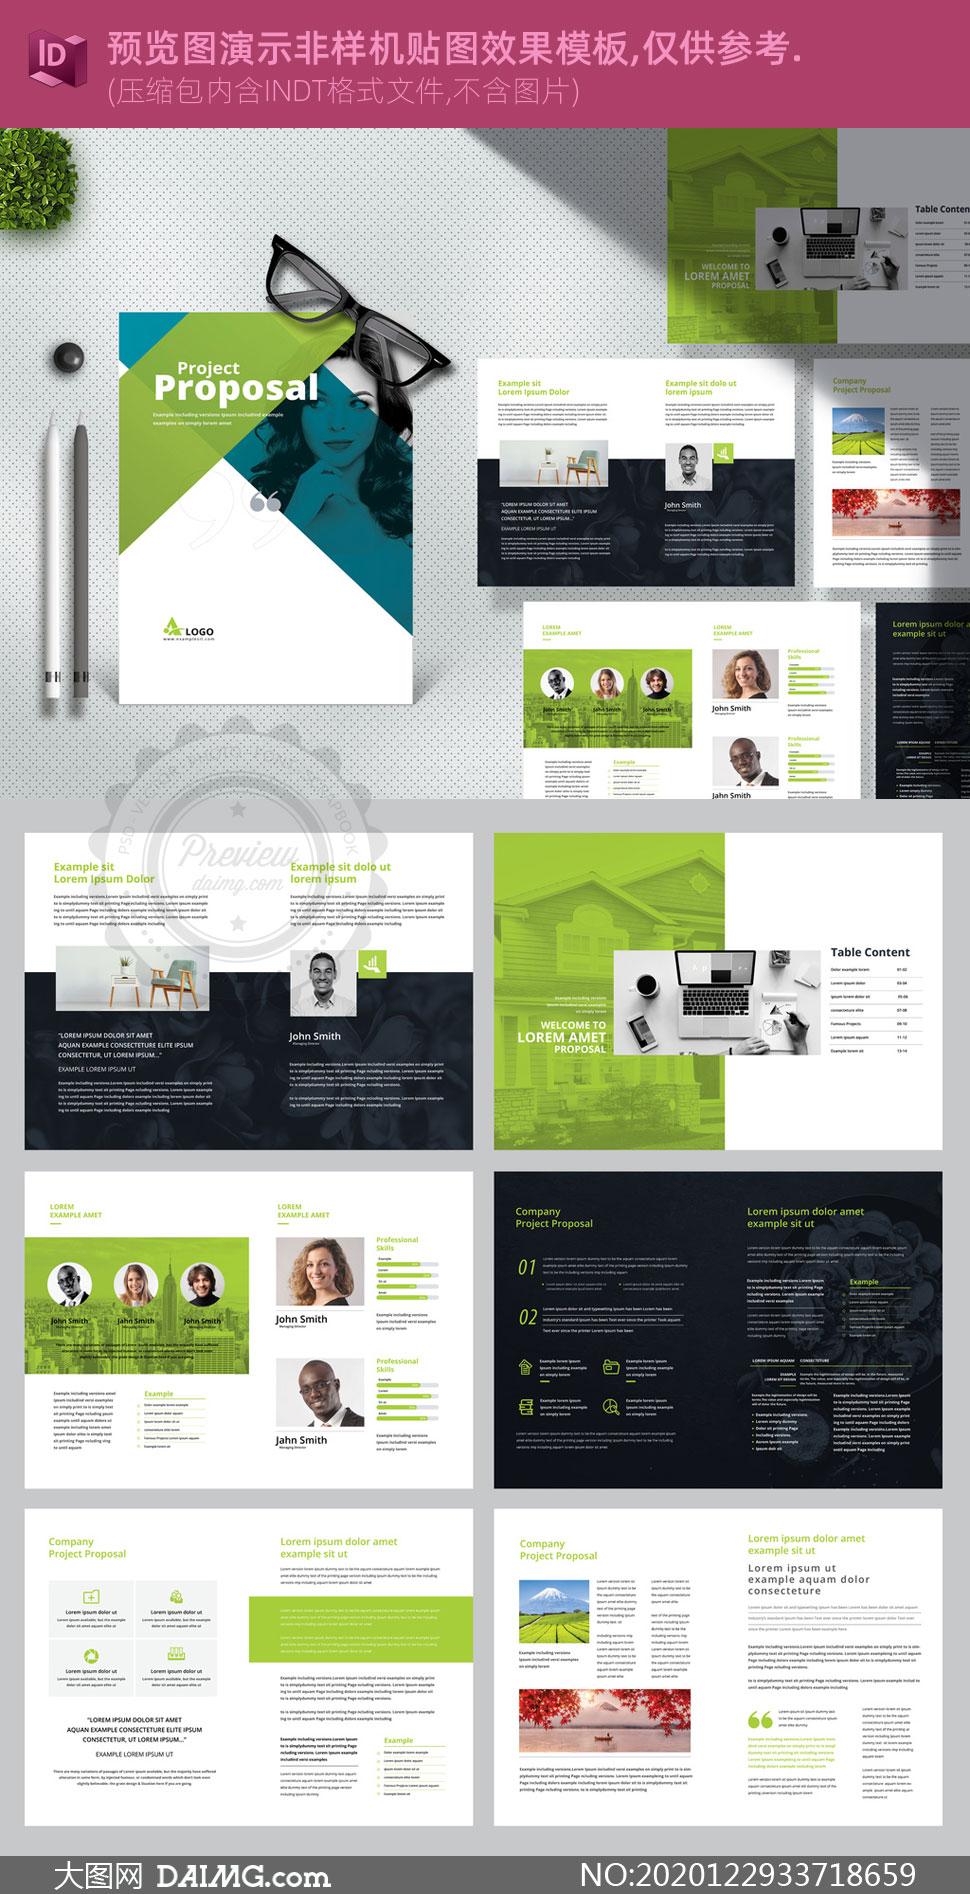 极简风格商务创意项目提案模板素材